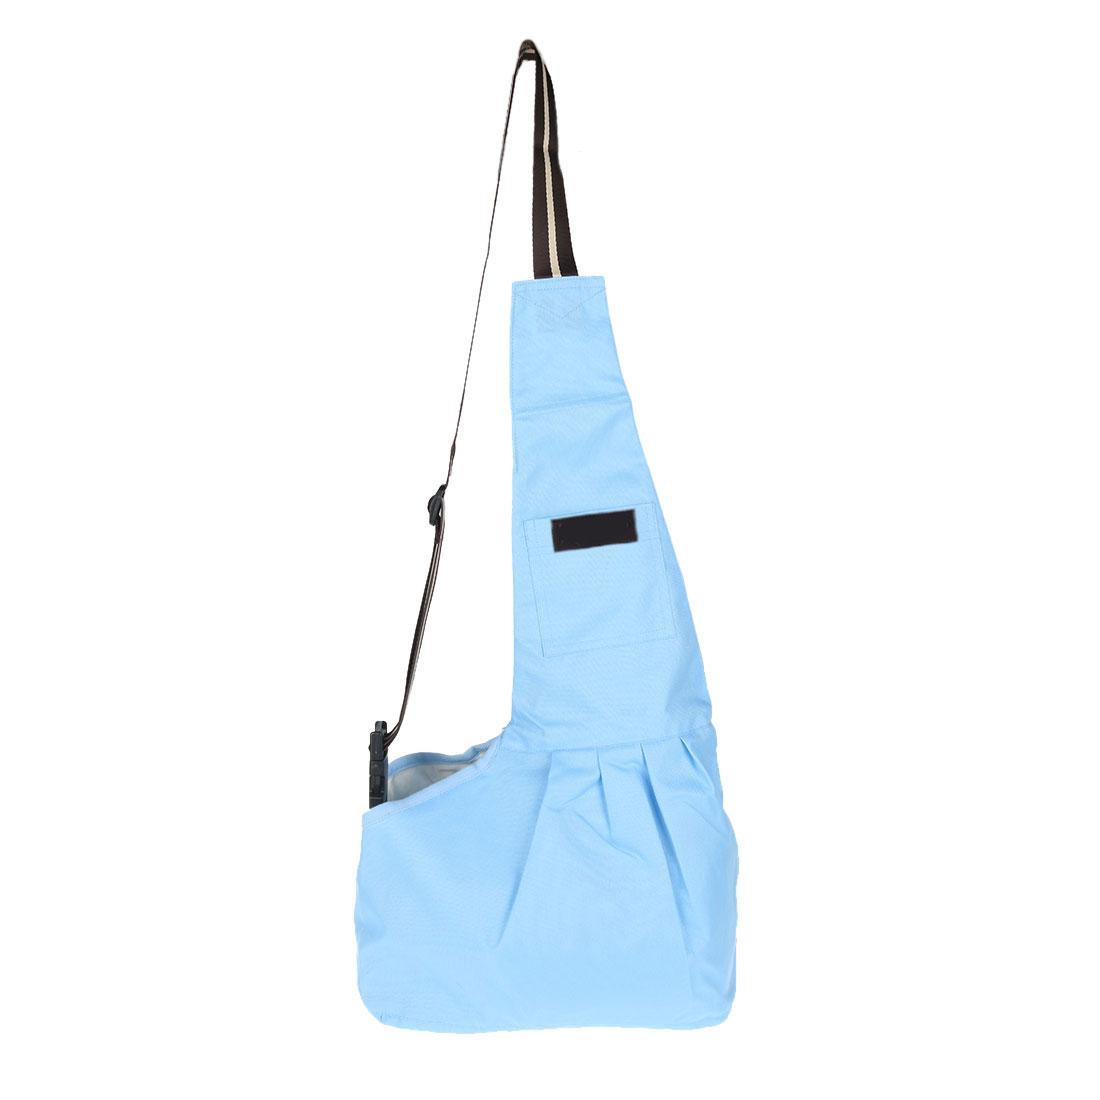 Outdoor Oxford Cloth Adjustable Single Shoulder Small Dog Cat Pet Carrier Bag Blue M